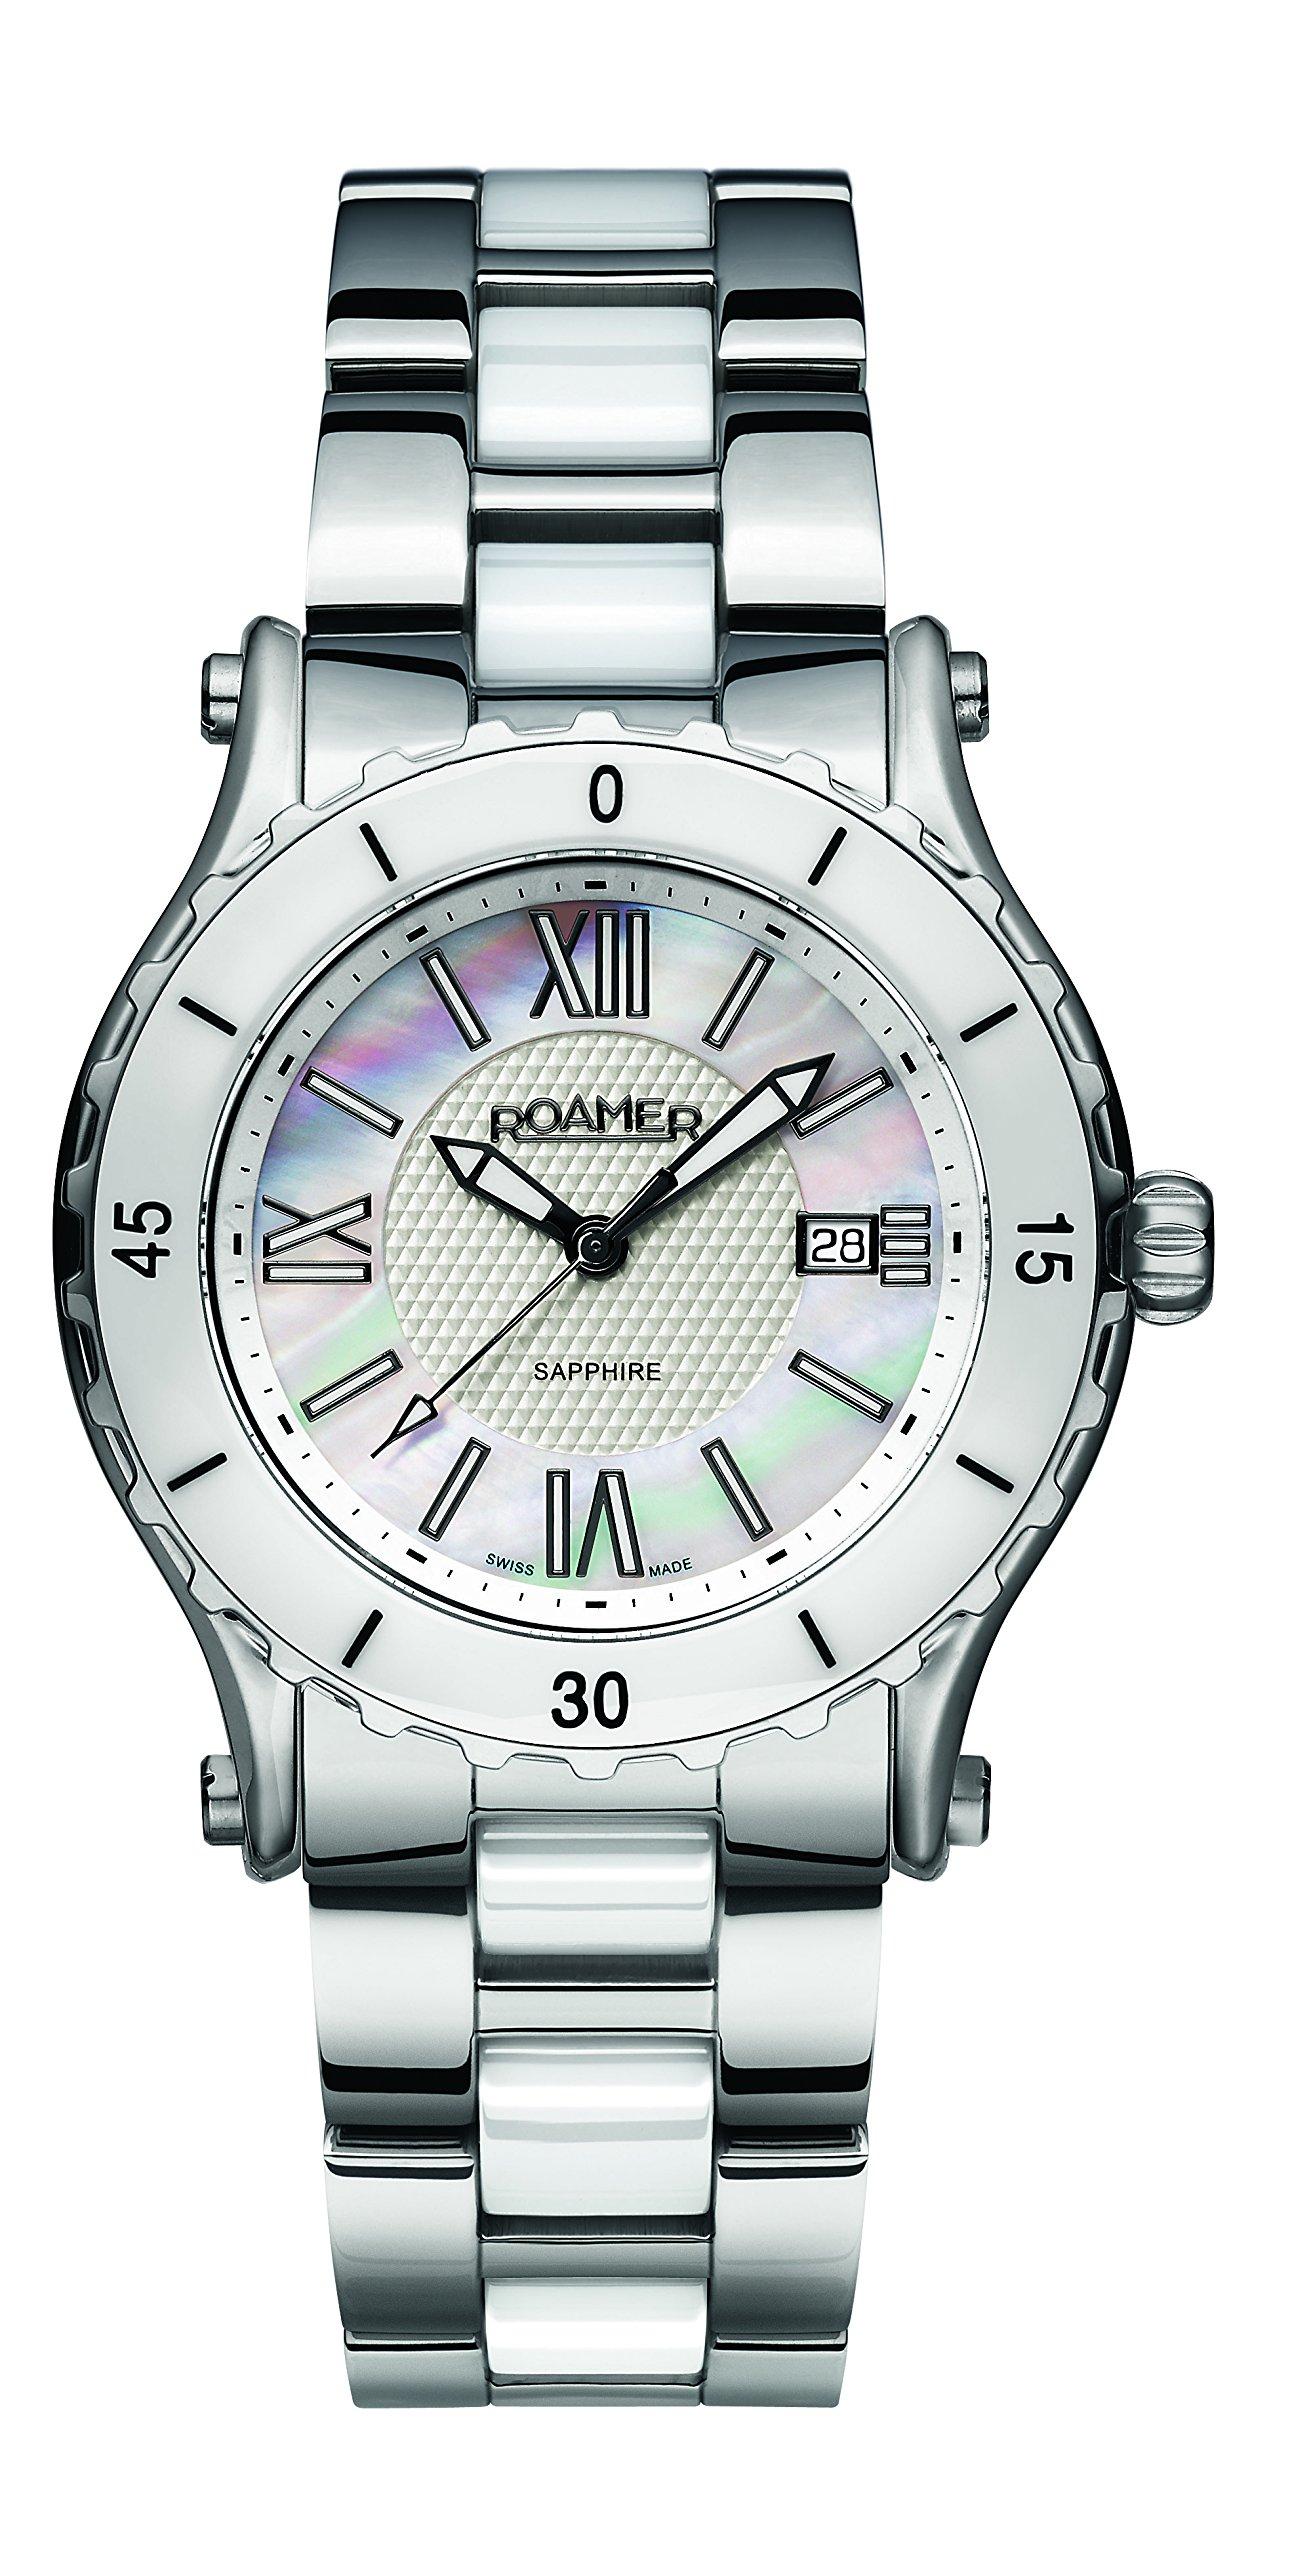 Roamer-Damen-Armbanduhr-C3-Refined-Analog-Quarz-AEU980-4123-PE